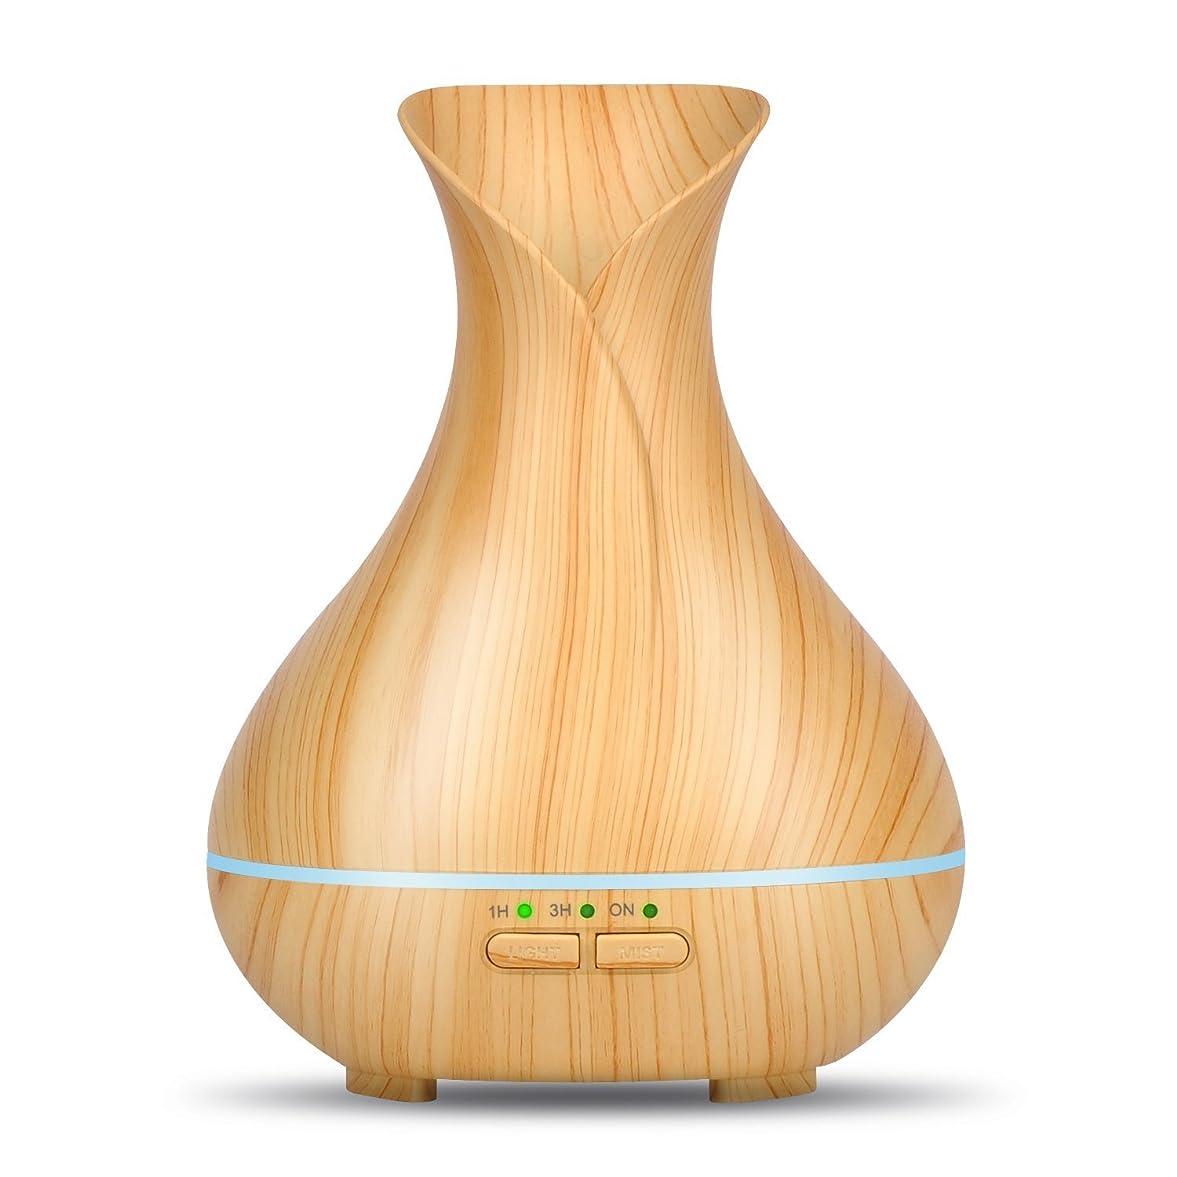 シーフード比喩暴露olivetechアロマエッセンシャルオイルアロマセラピーディフューザー、木目超音波クールなミスト加湿器で7色変更LEDライトとWaterless自動遮断forホームオフィス寝室赤ちゃん 150ml OTXX8008